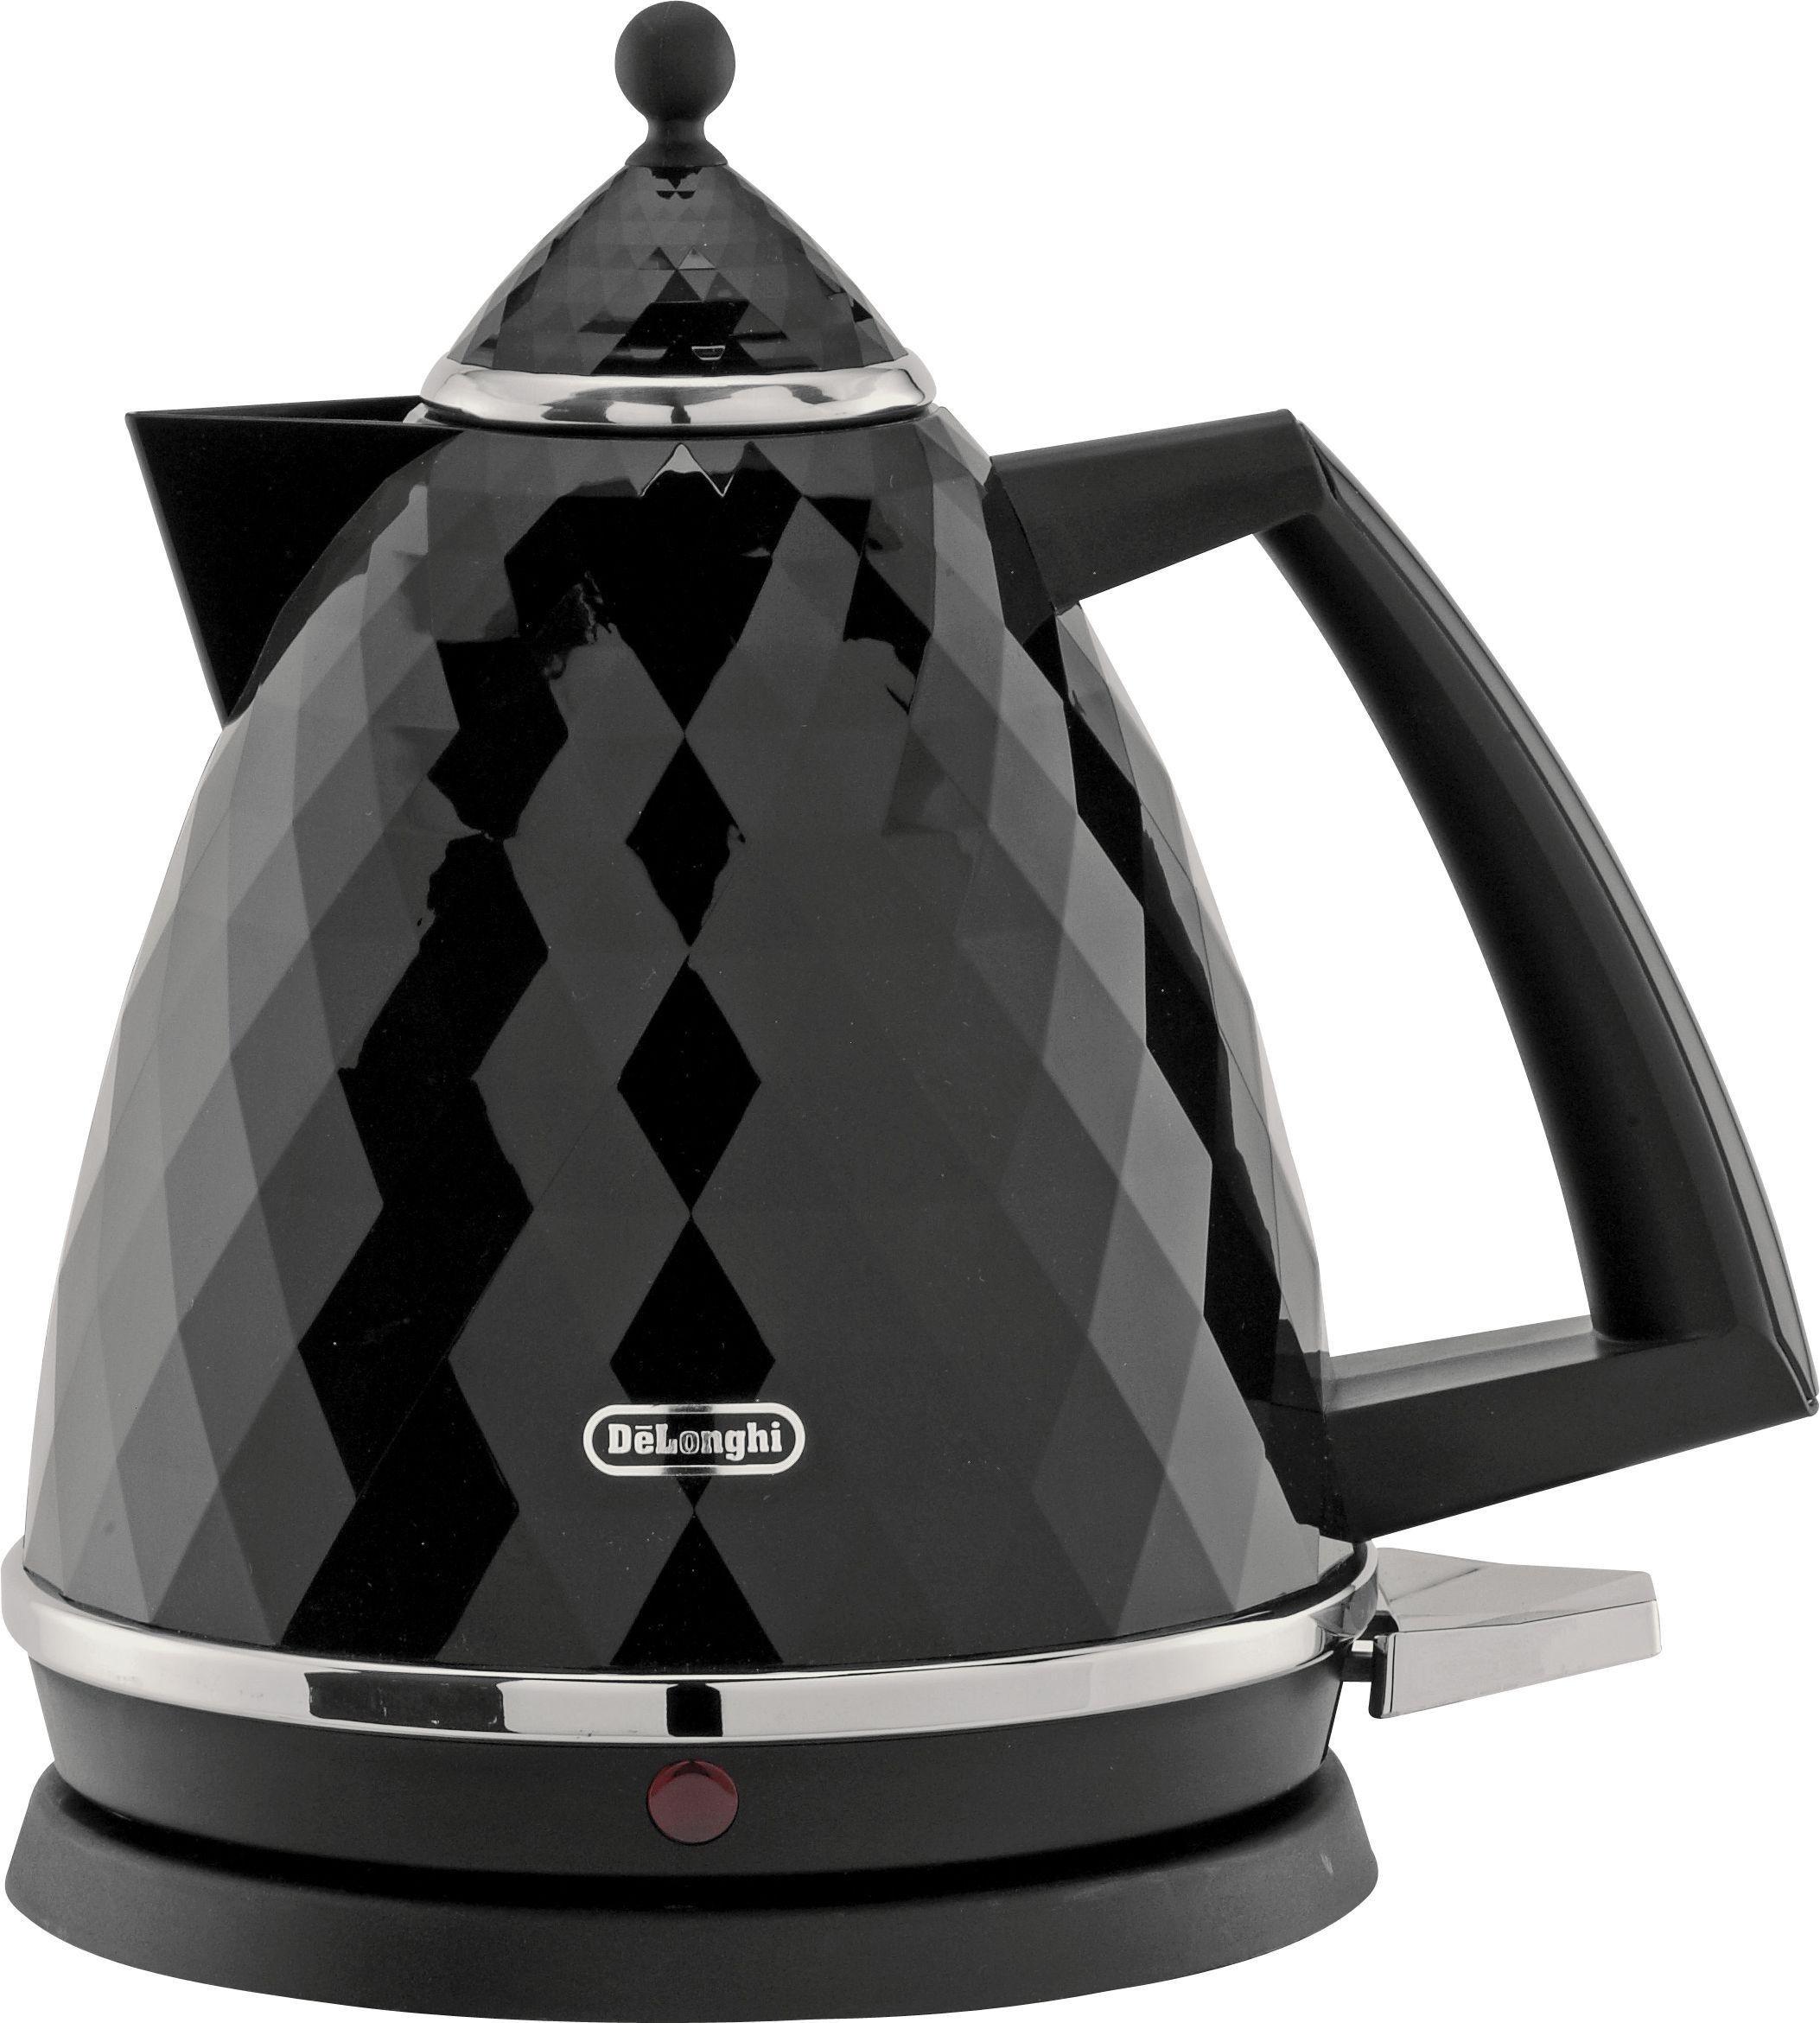 Buy De Longhi Brillante Kettle Black At Argos Co Uk